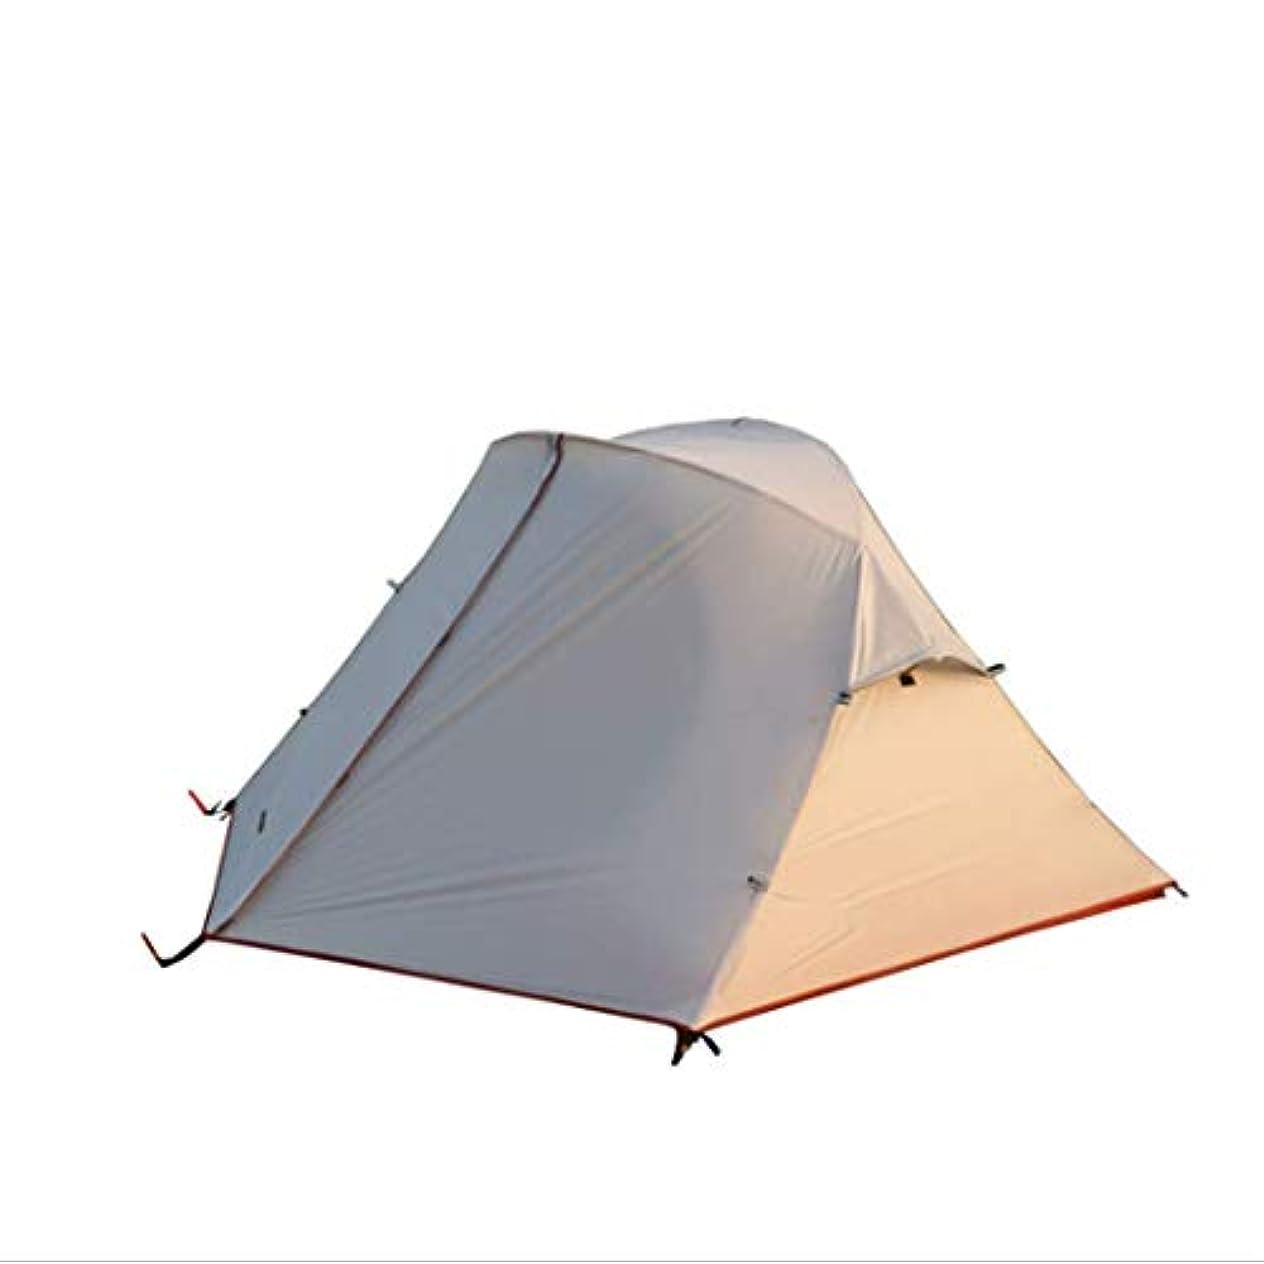 少ない大工まぶしさバックパックテント軽量登山二重層テントアルミロッド付き屋外の家族のビーチのために耐候性が高い狩猟ハイキング簡単なクイックセットアップ3-4シーズン